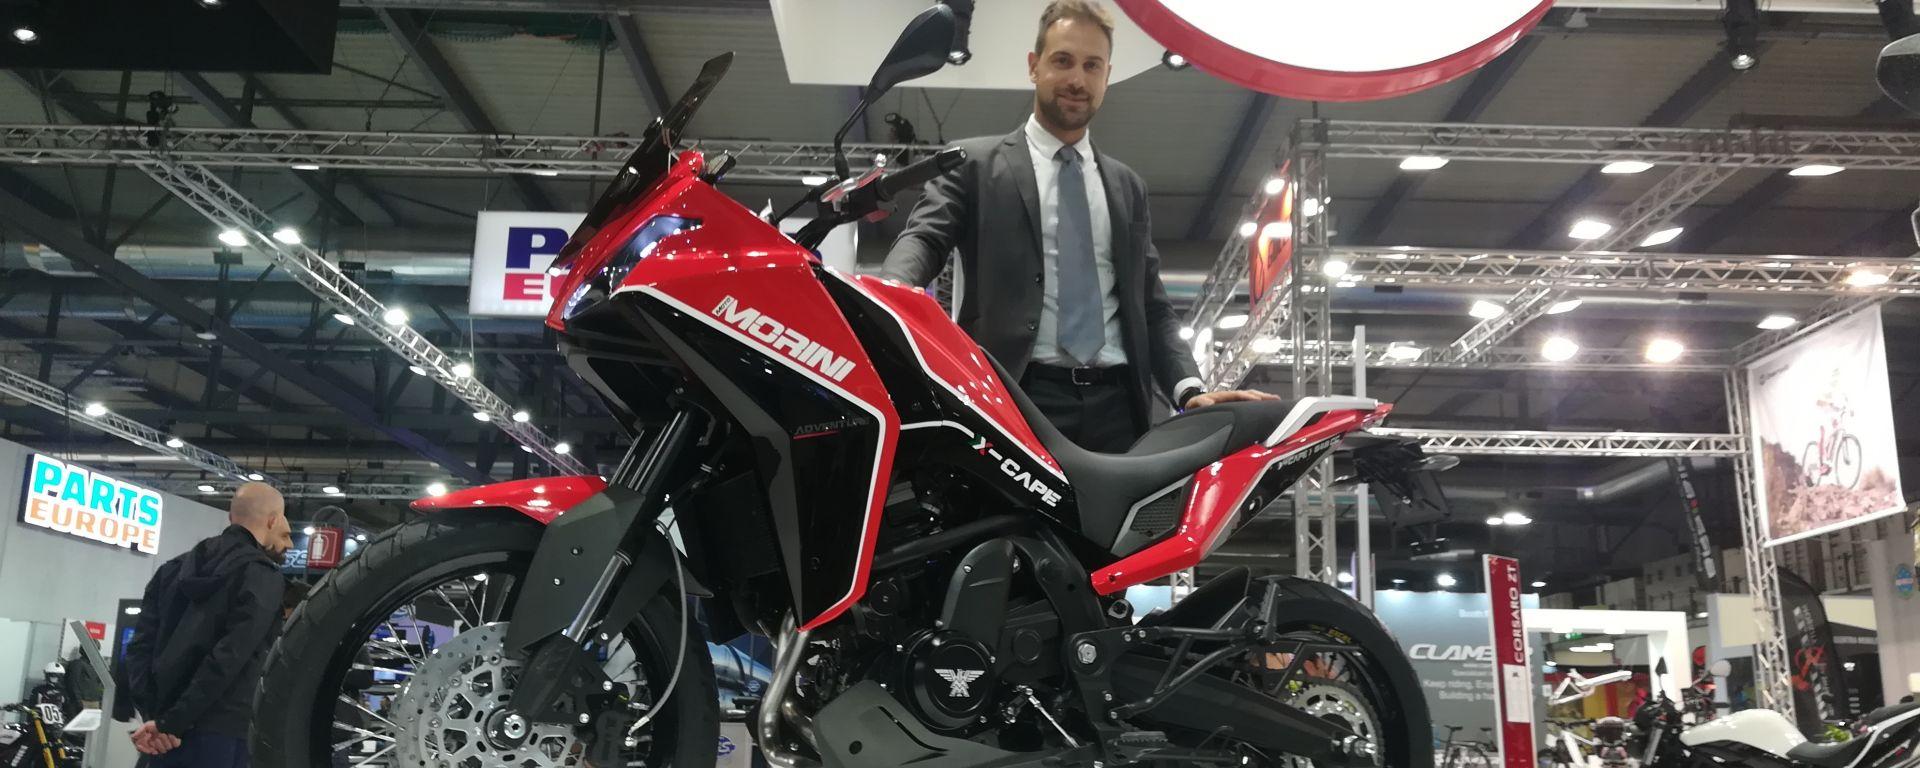 Eicma 2019: tante le novità allo stand Moto Morini